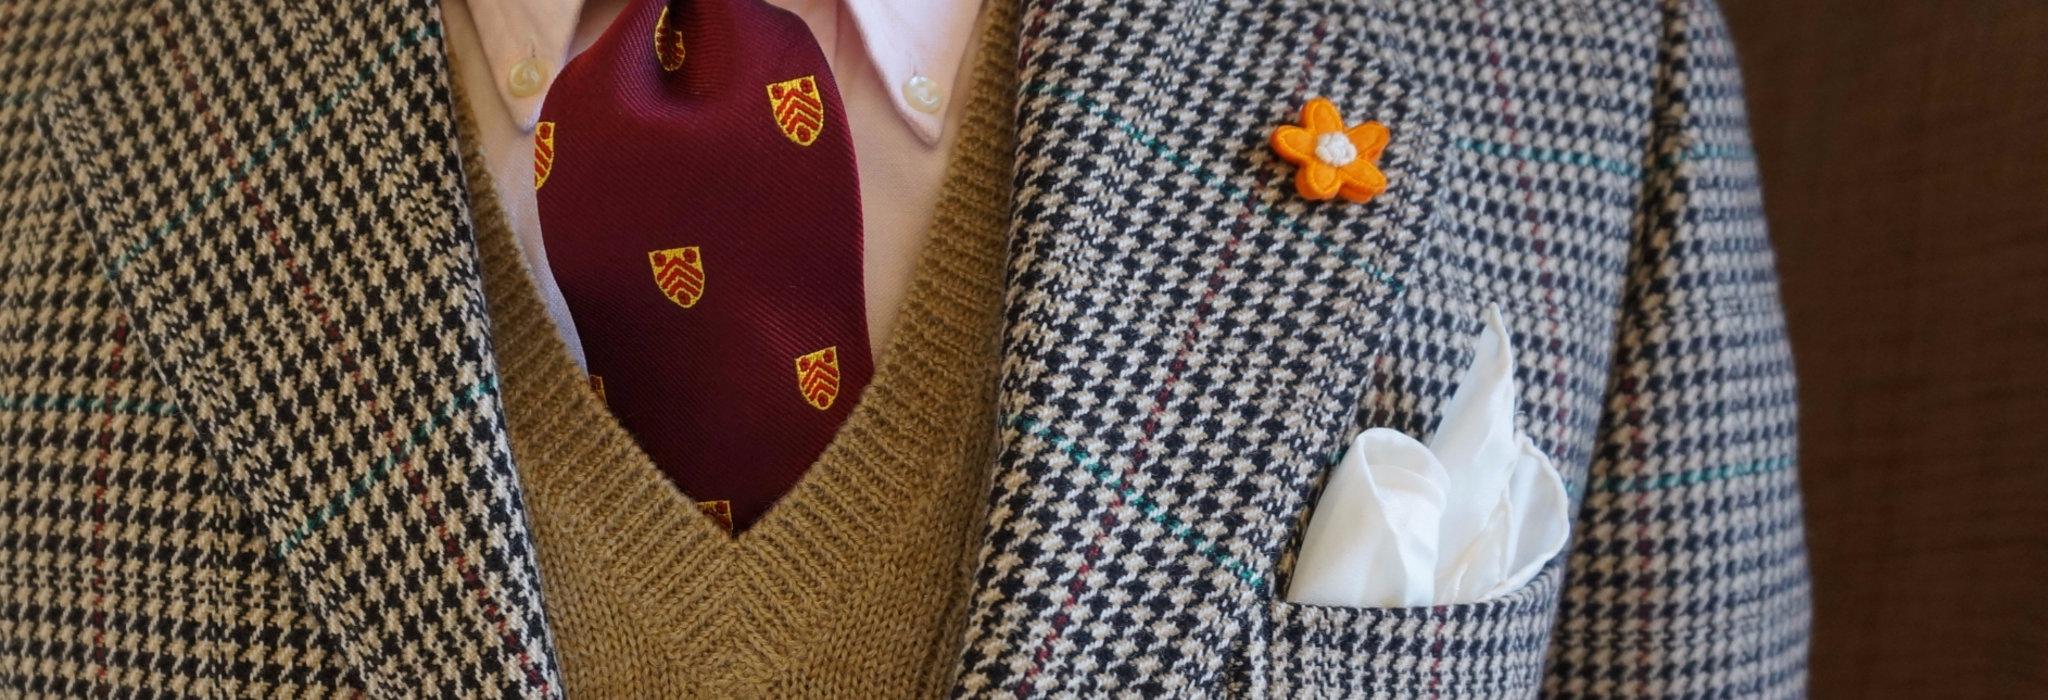 ジャケットを楽しむための小粋なアイテム。胸元を彩るブートニエールとは。_image